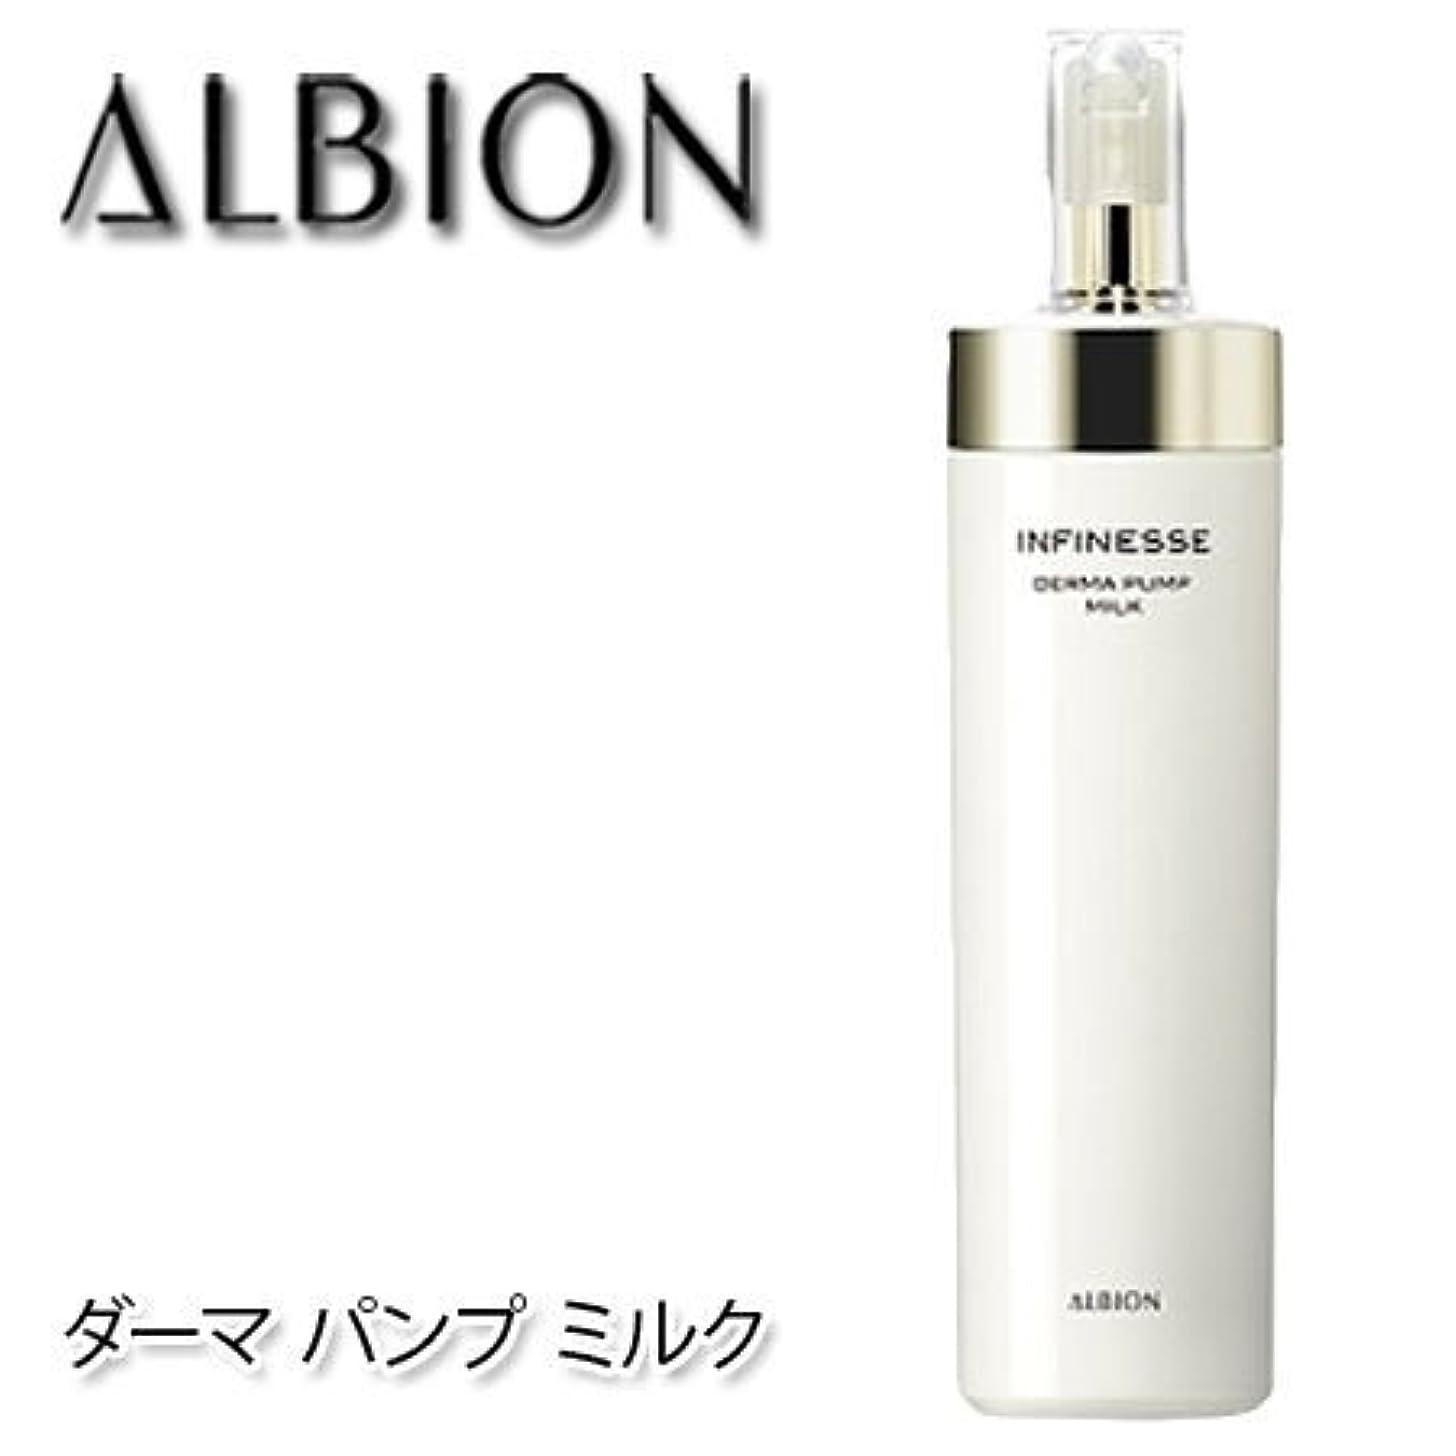 基礎パブ歩くアルビオン アンフィネス ダーマ パンプ ミルク 200g-ALBION-